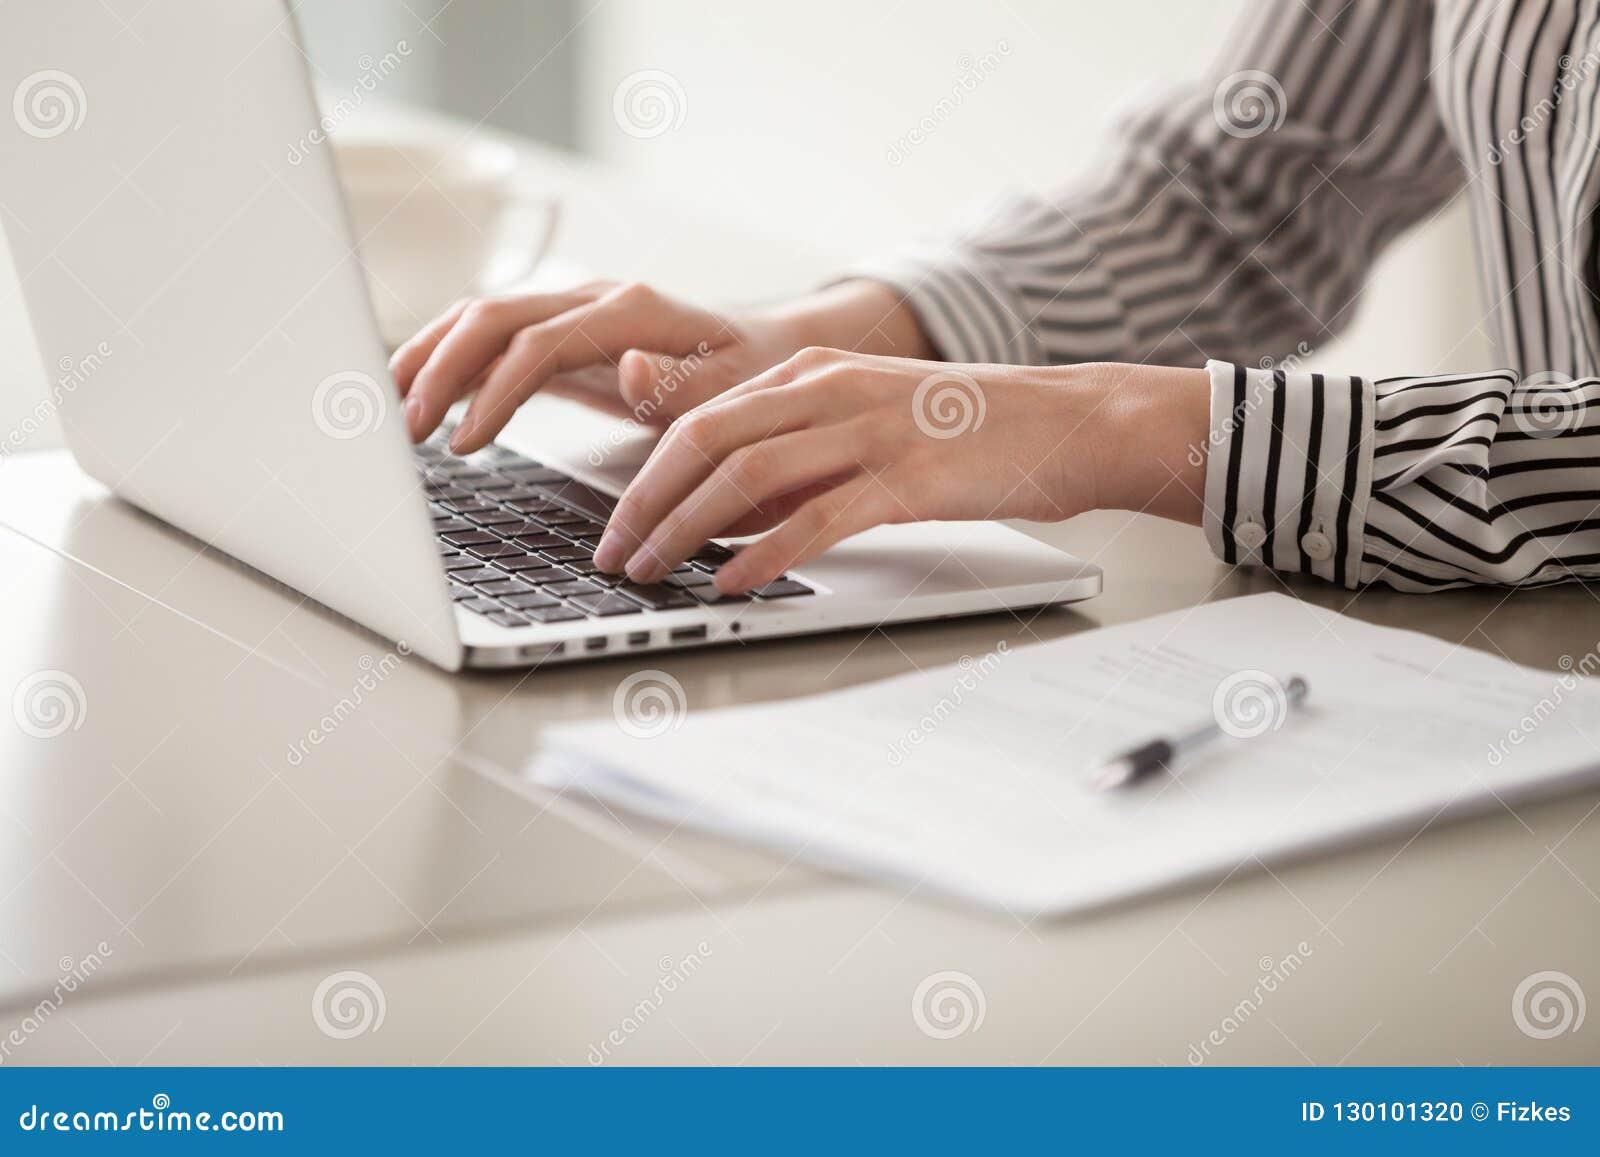 Bizneswoman pracuje na laptopie, kobieta wręcza pisać na maszynie na klawiaturze